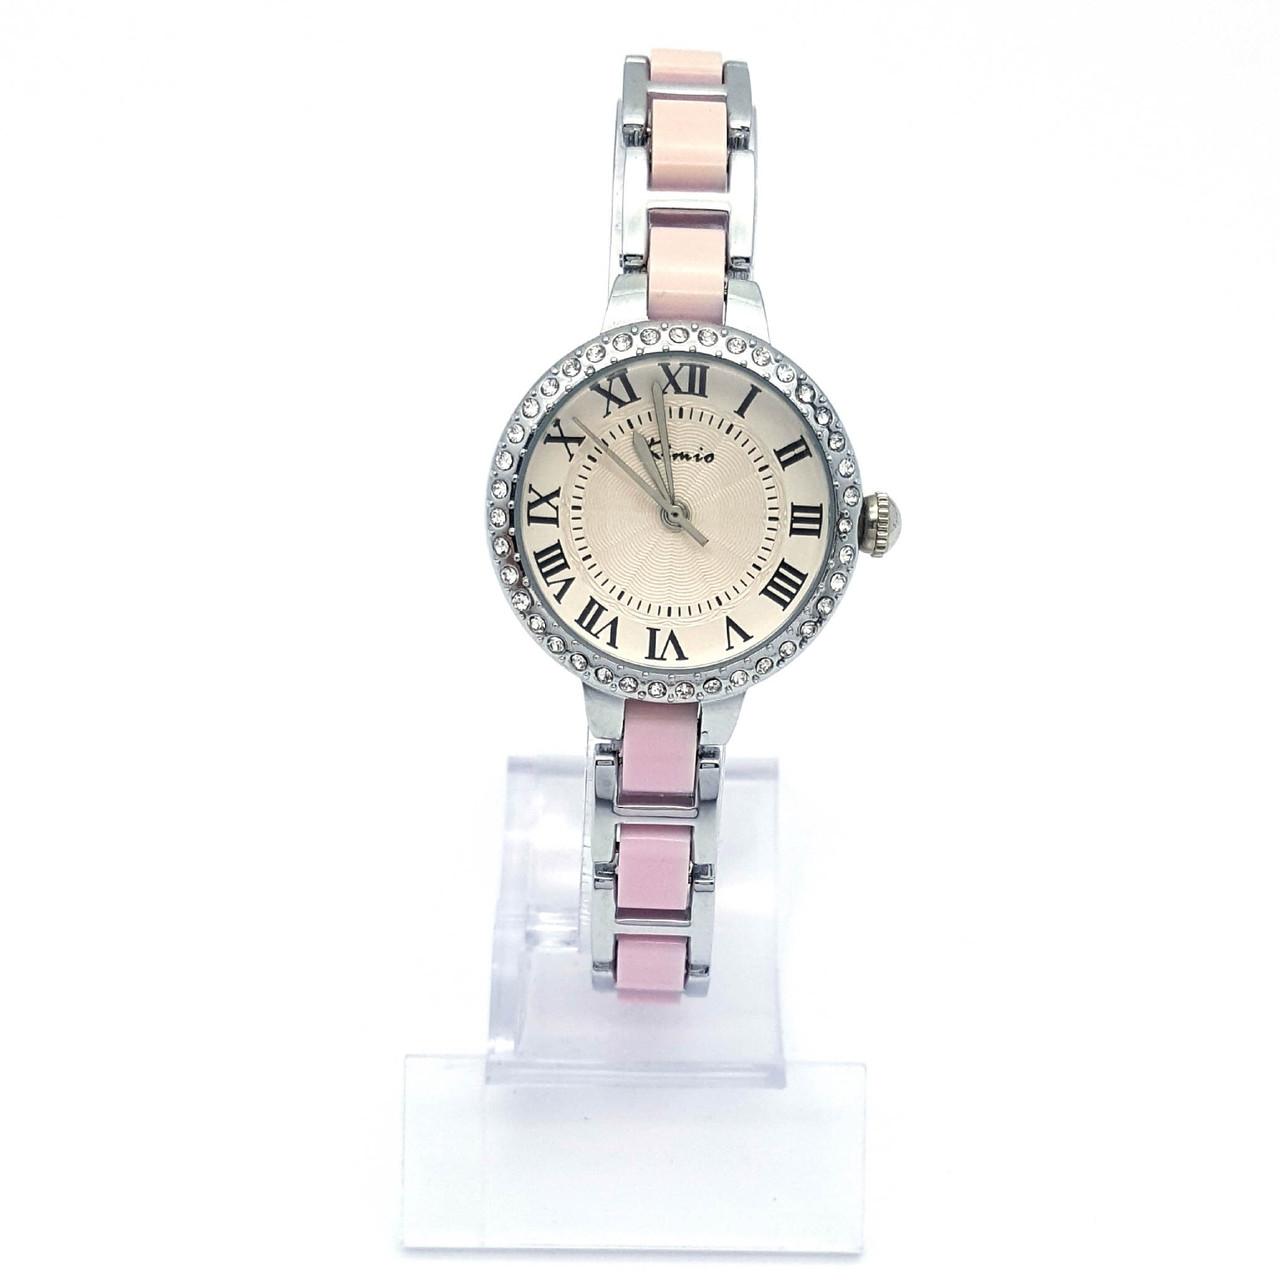 Часы KIMIO Серебристый, с розовой вставкой и камнями, длина браслета 19см, циферблат 27мм